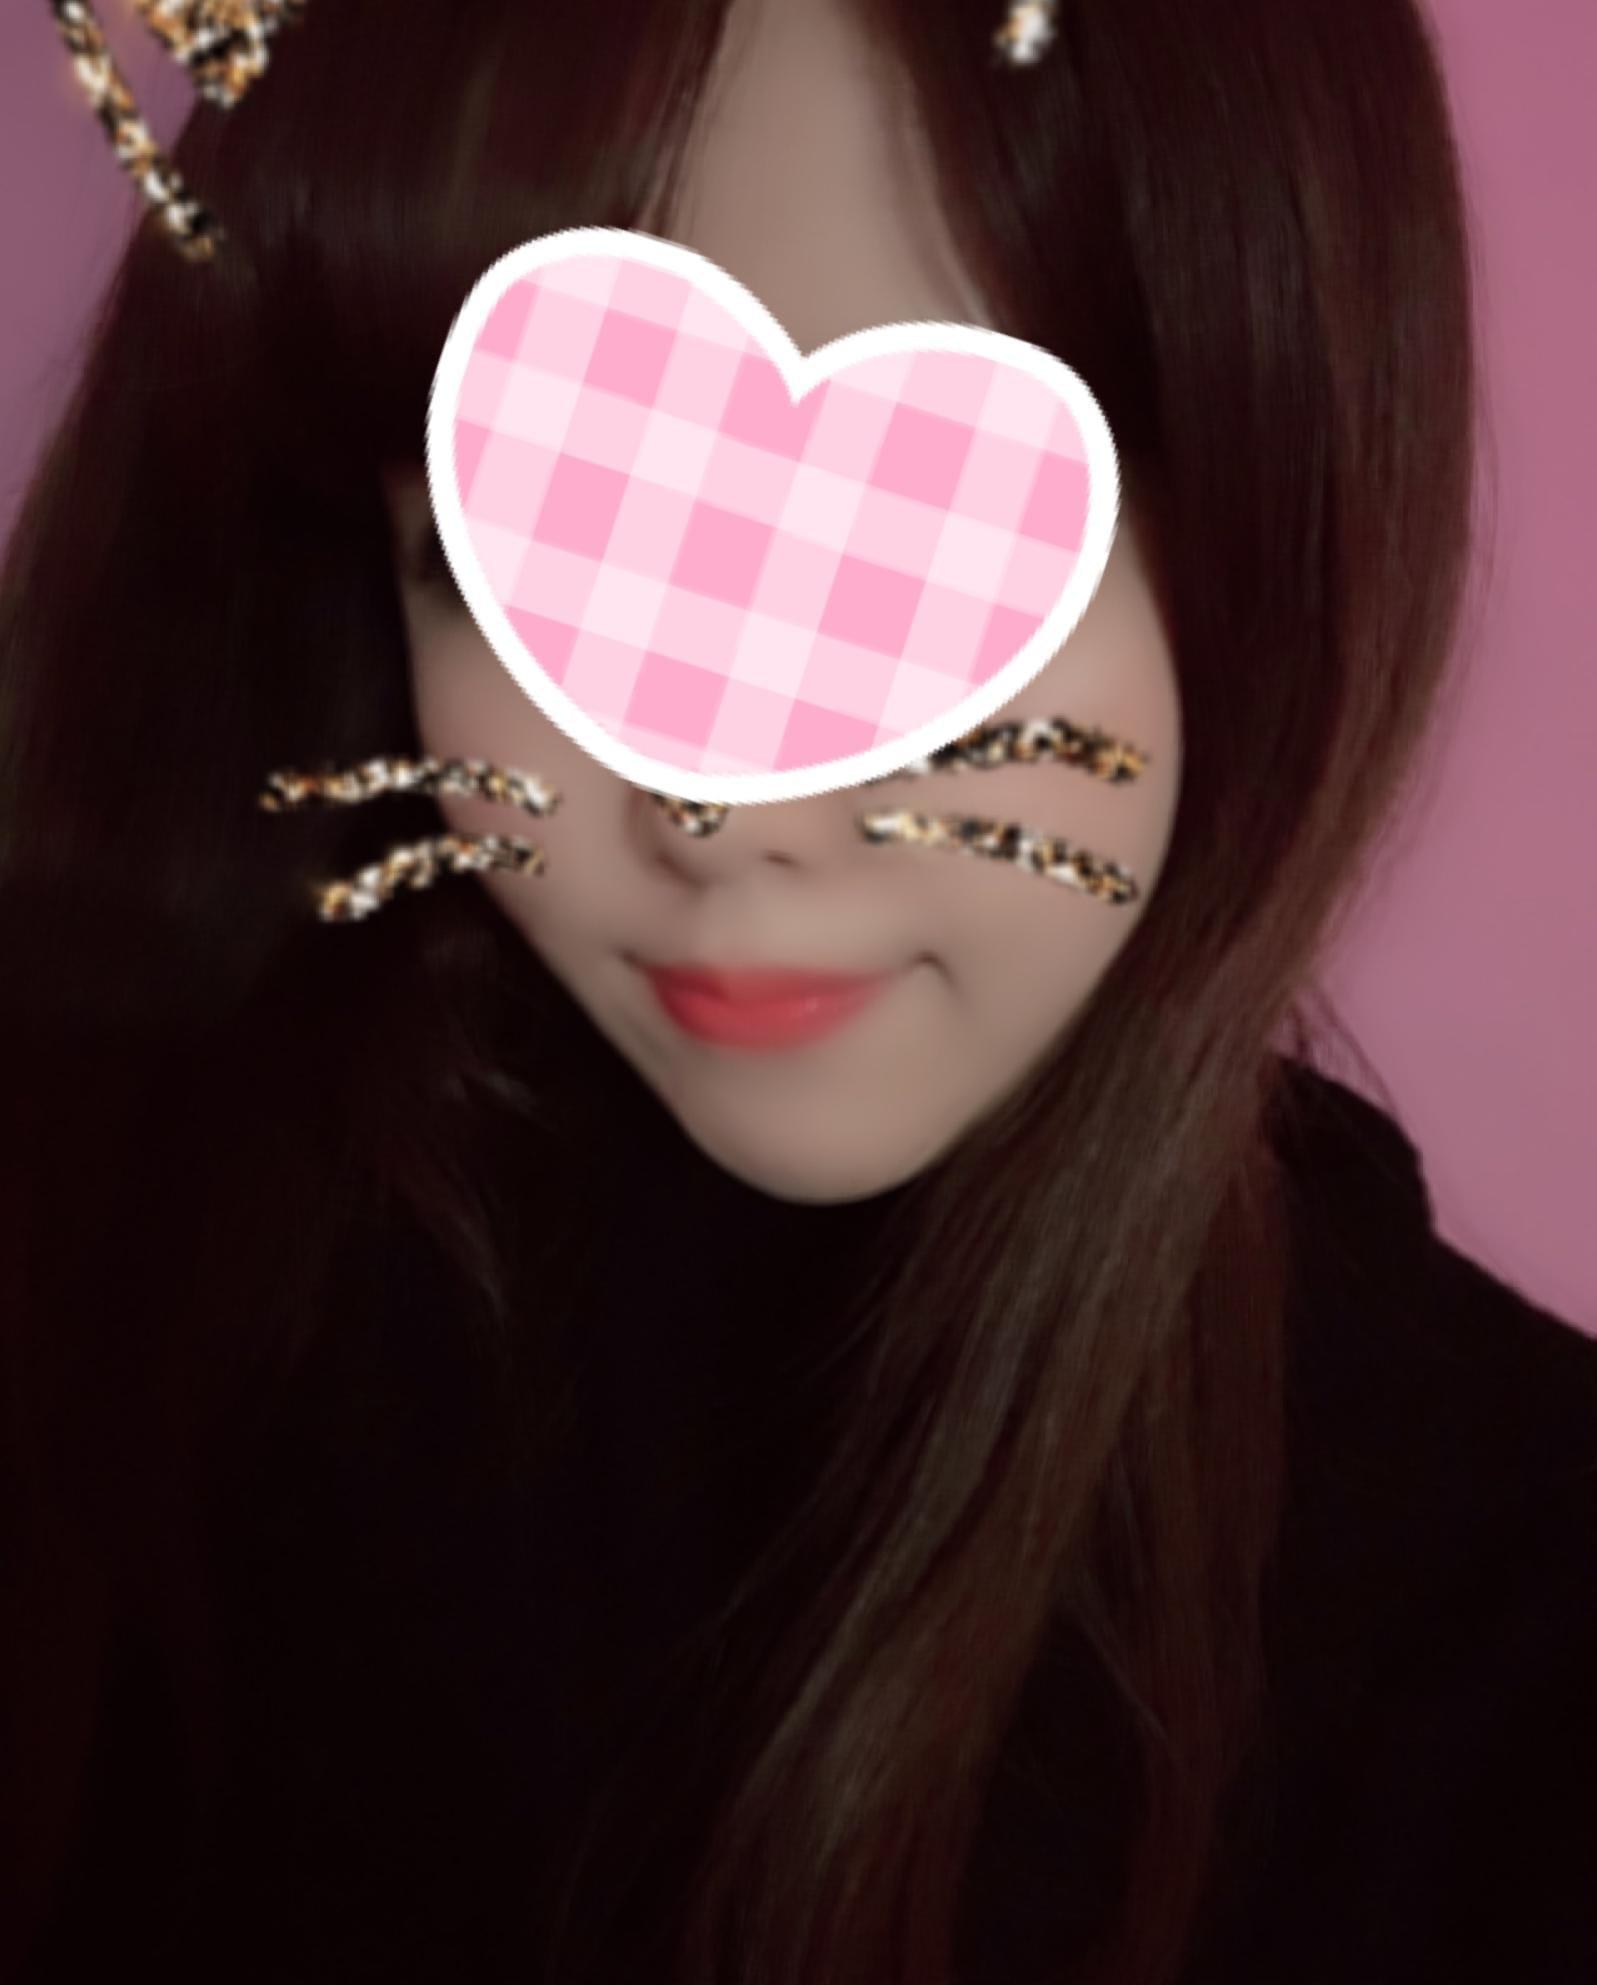 「1/12_おれい☆」01/13(日) 20:51 | そらの写メ・風俗動画